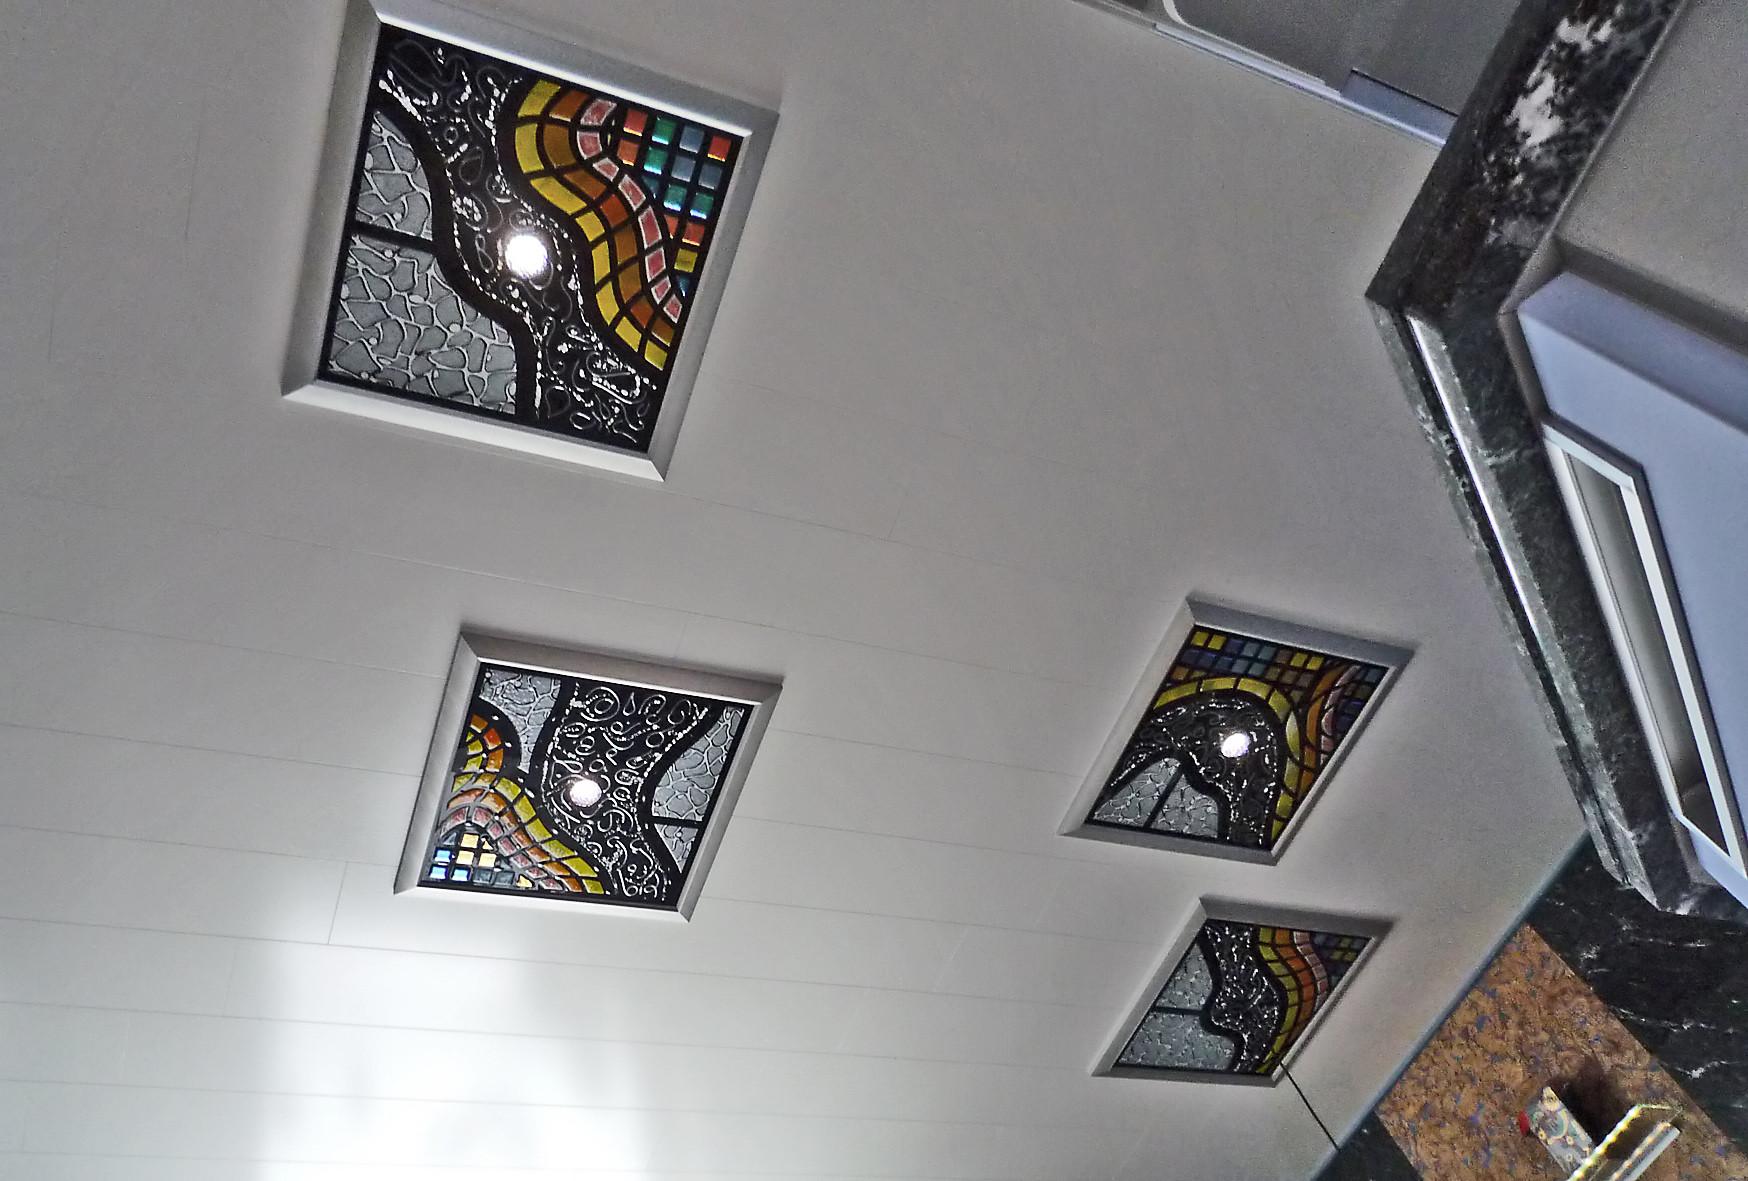 Schmelzglas-Deckenelemente mit LED-Beleuchtung